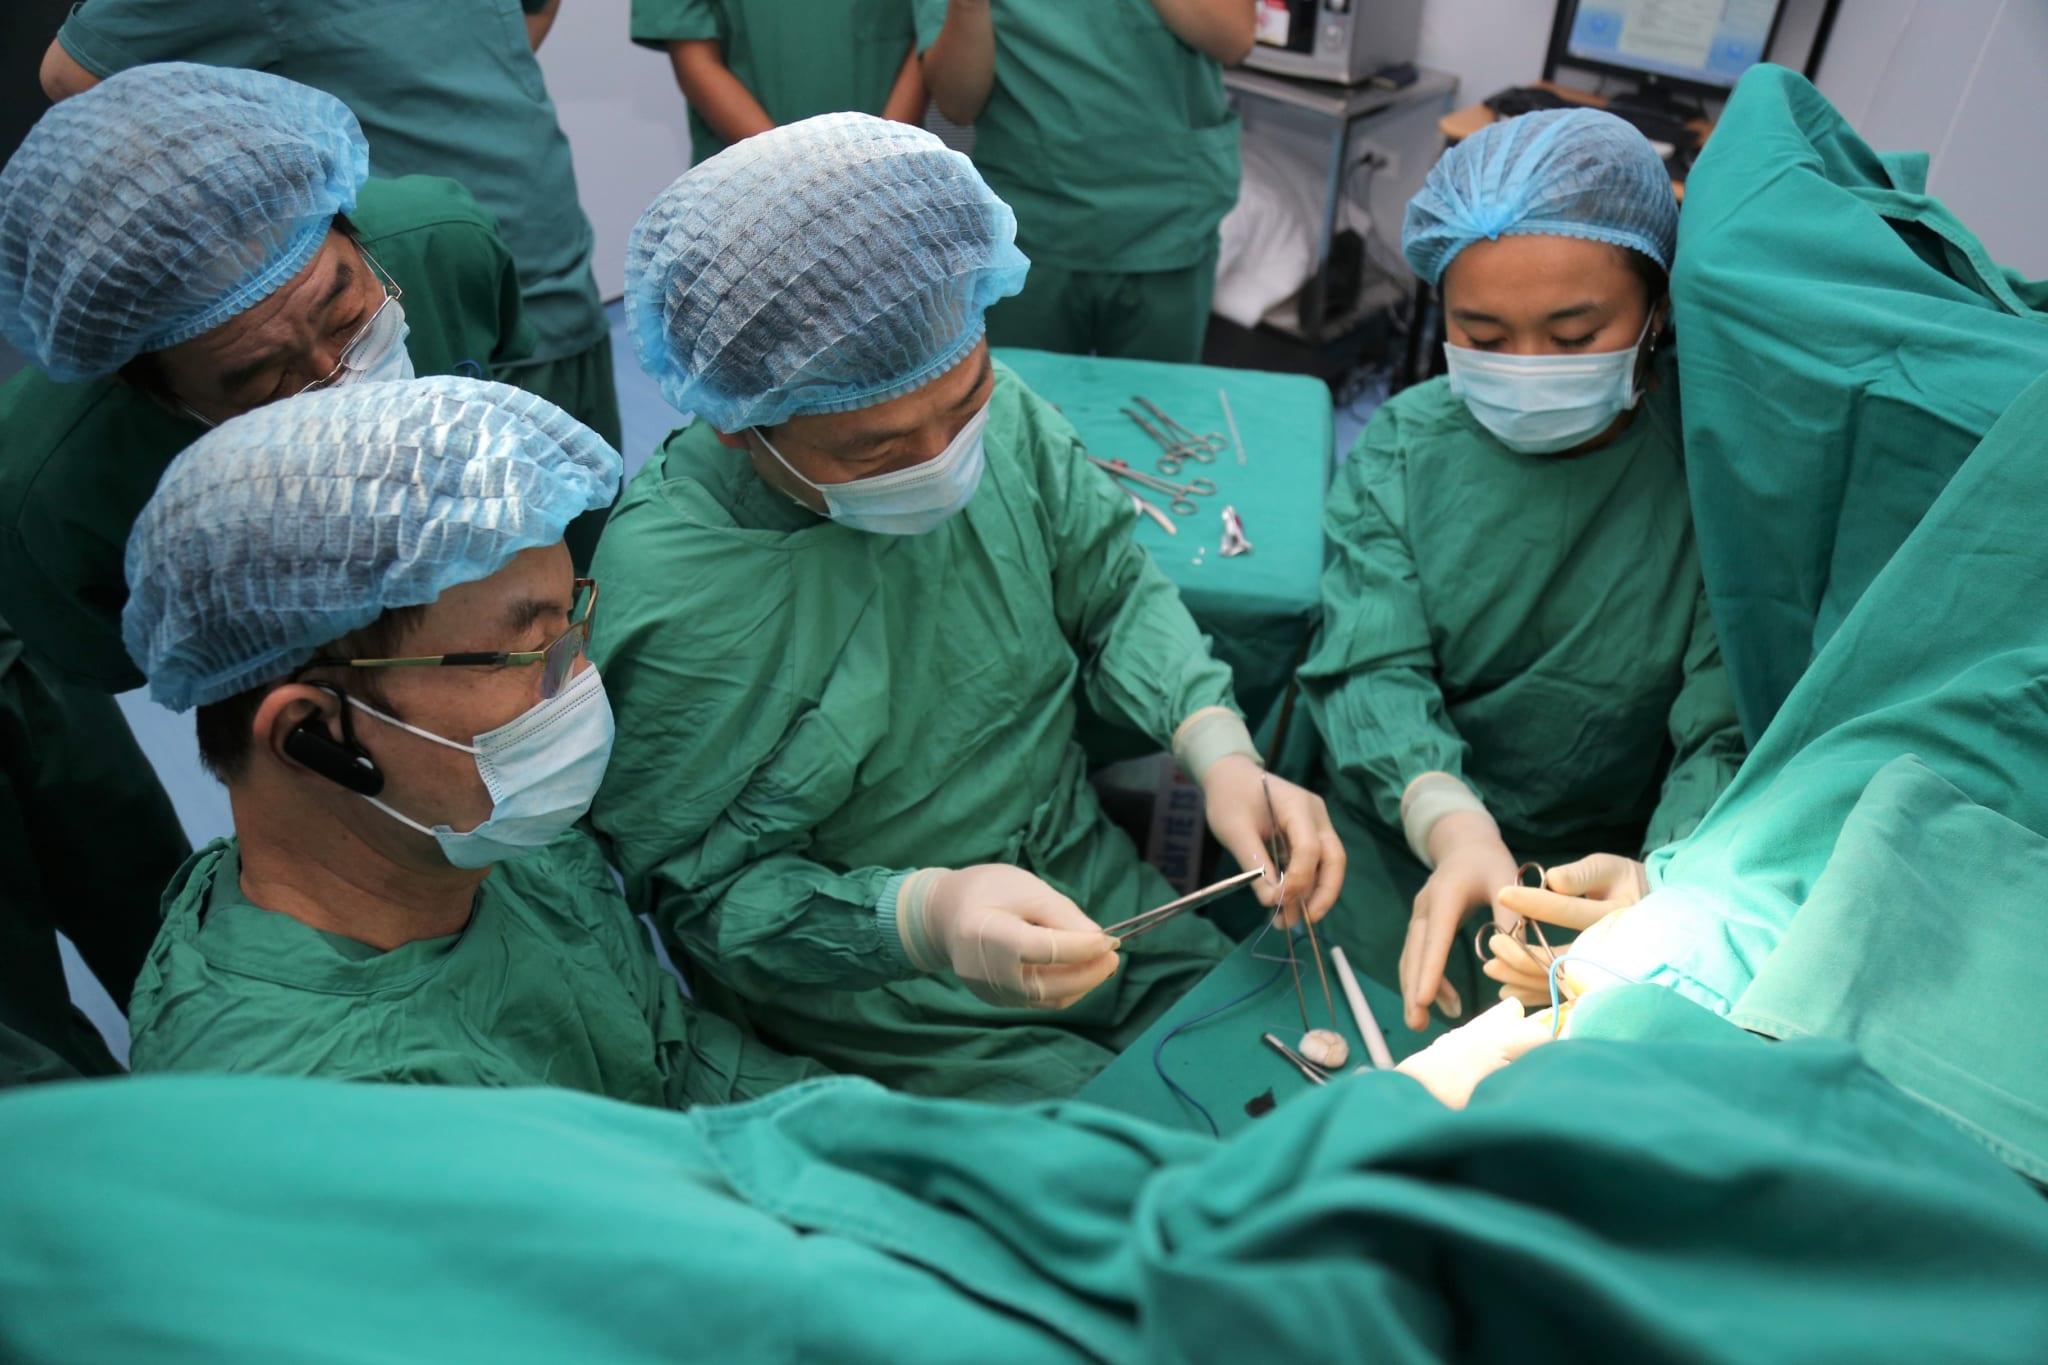 """Kỹ thuật """"Phẫu thuật triệt mạch trĩ dưới hướng dẫn của siêu âm Doppler"""" – Tin vui dành cho bệnh nhân trĩ"""